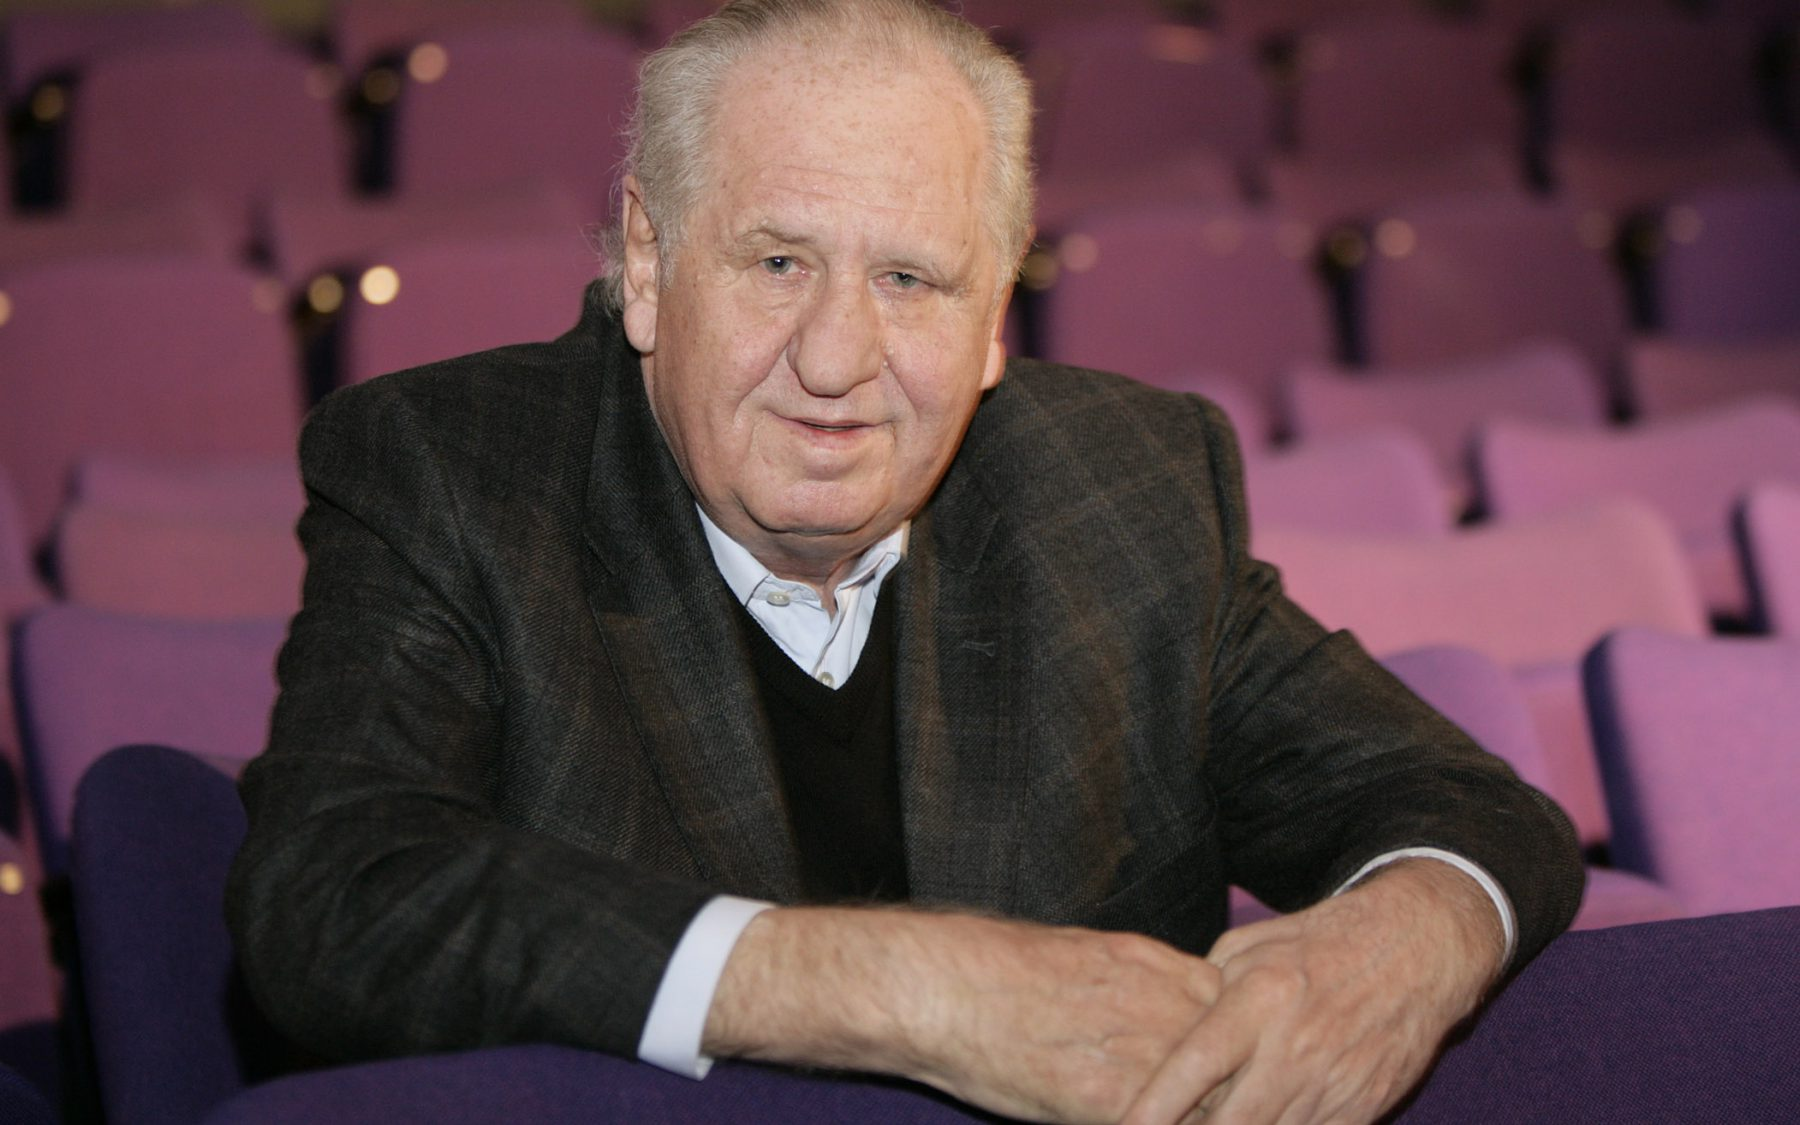 Zum 89. Geburtstag – Jedermann liebt Karli Spiehs